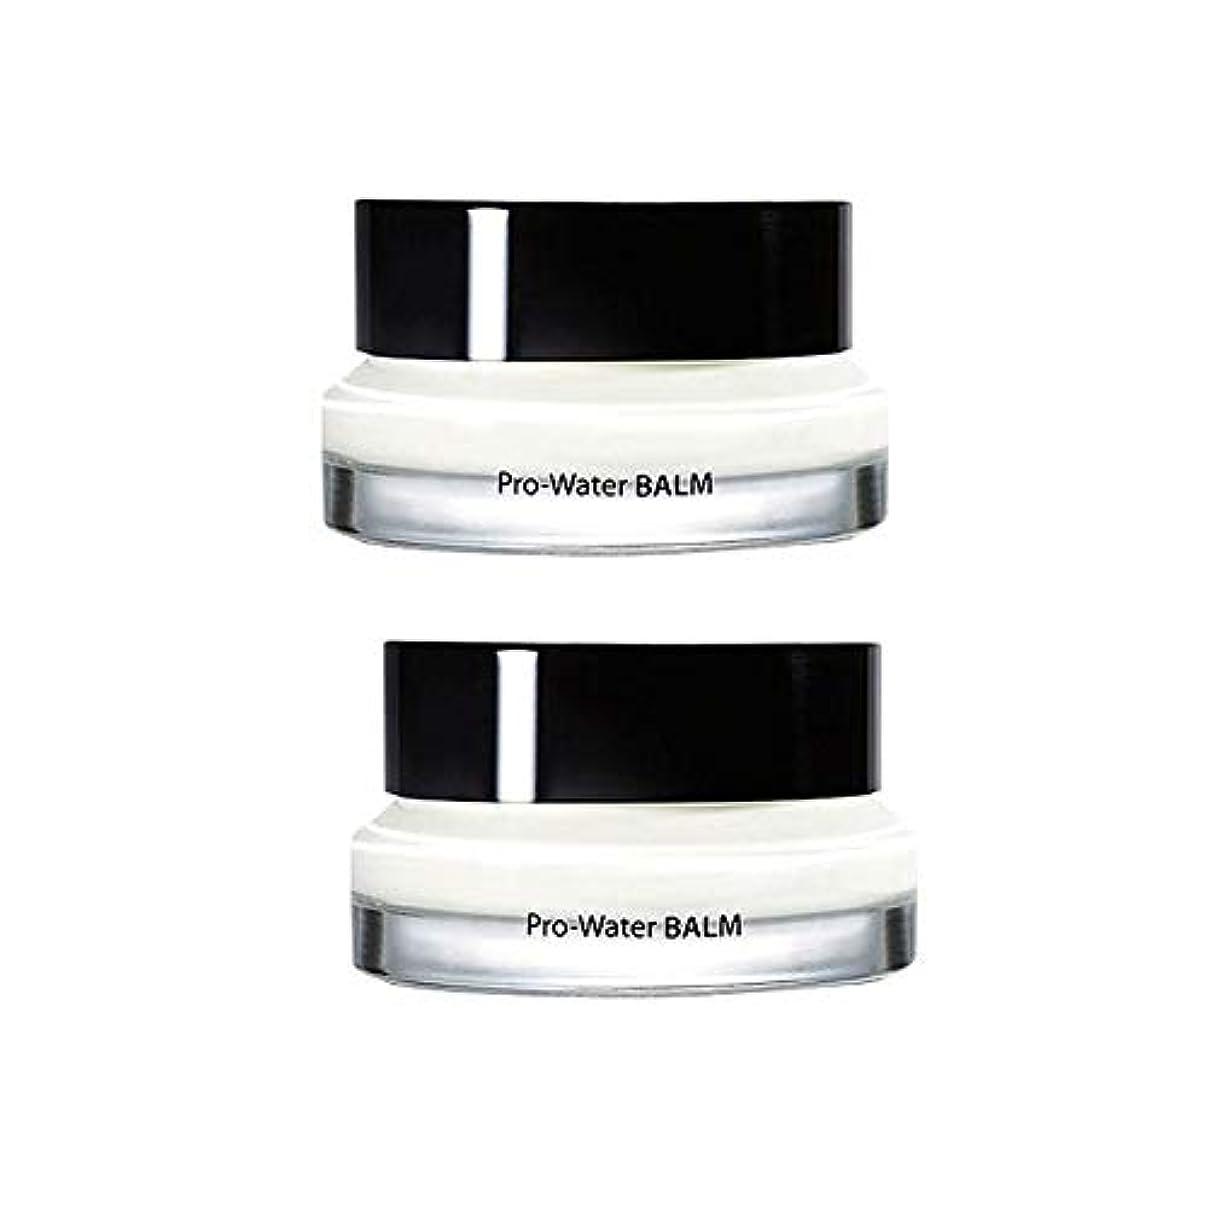 ハーフ設置前文ルナプロウォーターbalm 50mlx2本セット韓国コスメ、Luna Pro-Water Balm 50ml x 2ea Set Korean Cosmetics [並行輸入品]